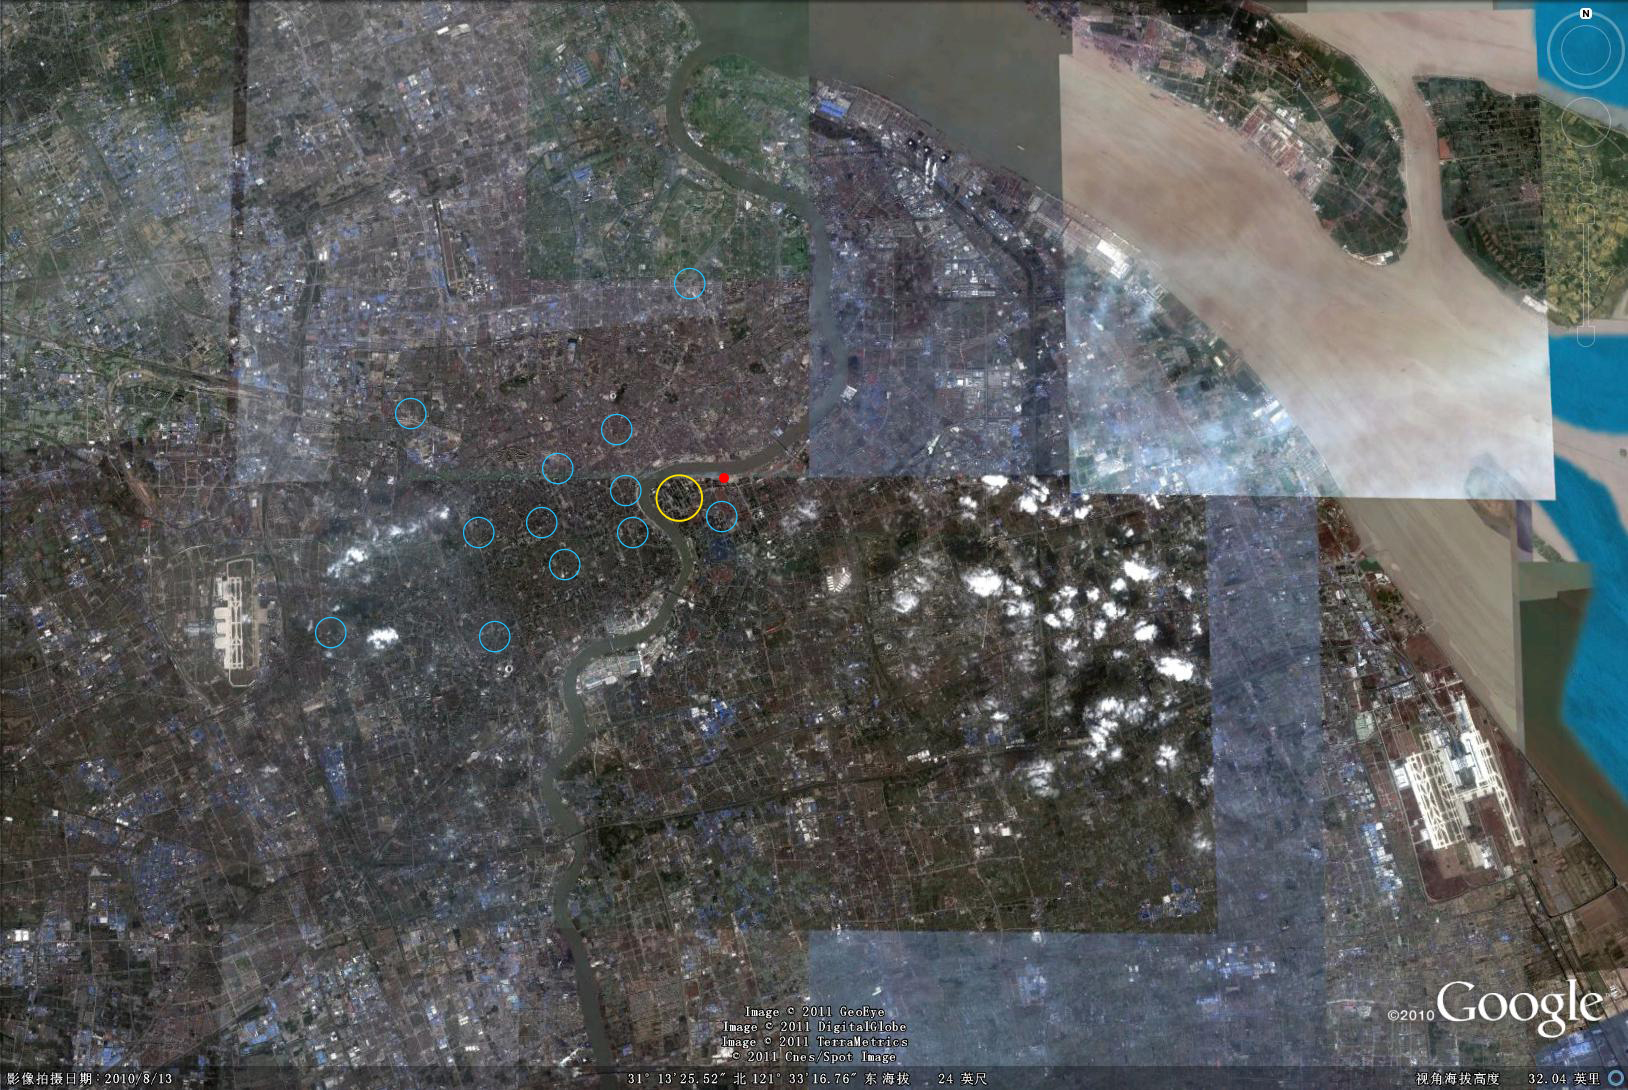 上海北外滩规划 上海北外滩规划图 黄浦江两岸的规划,对北高清图片